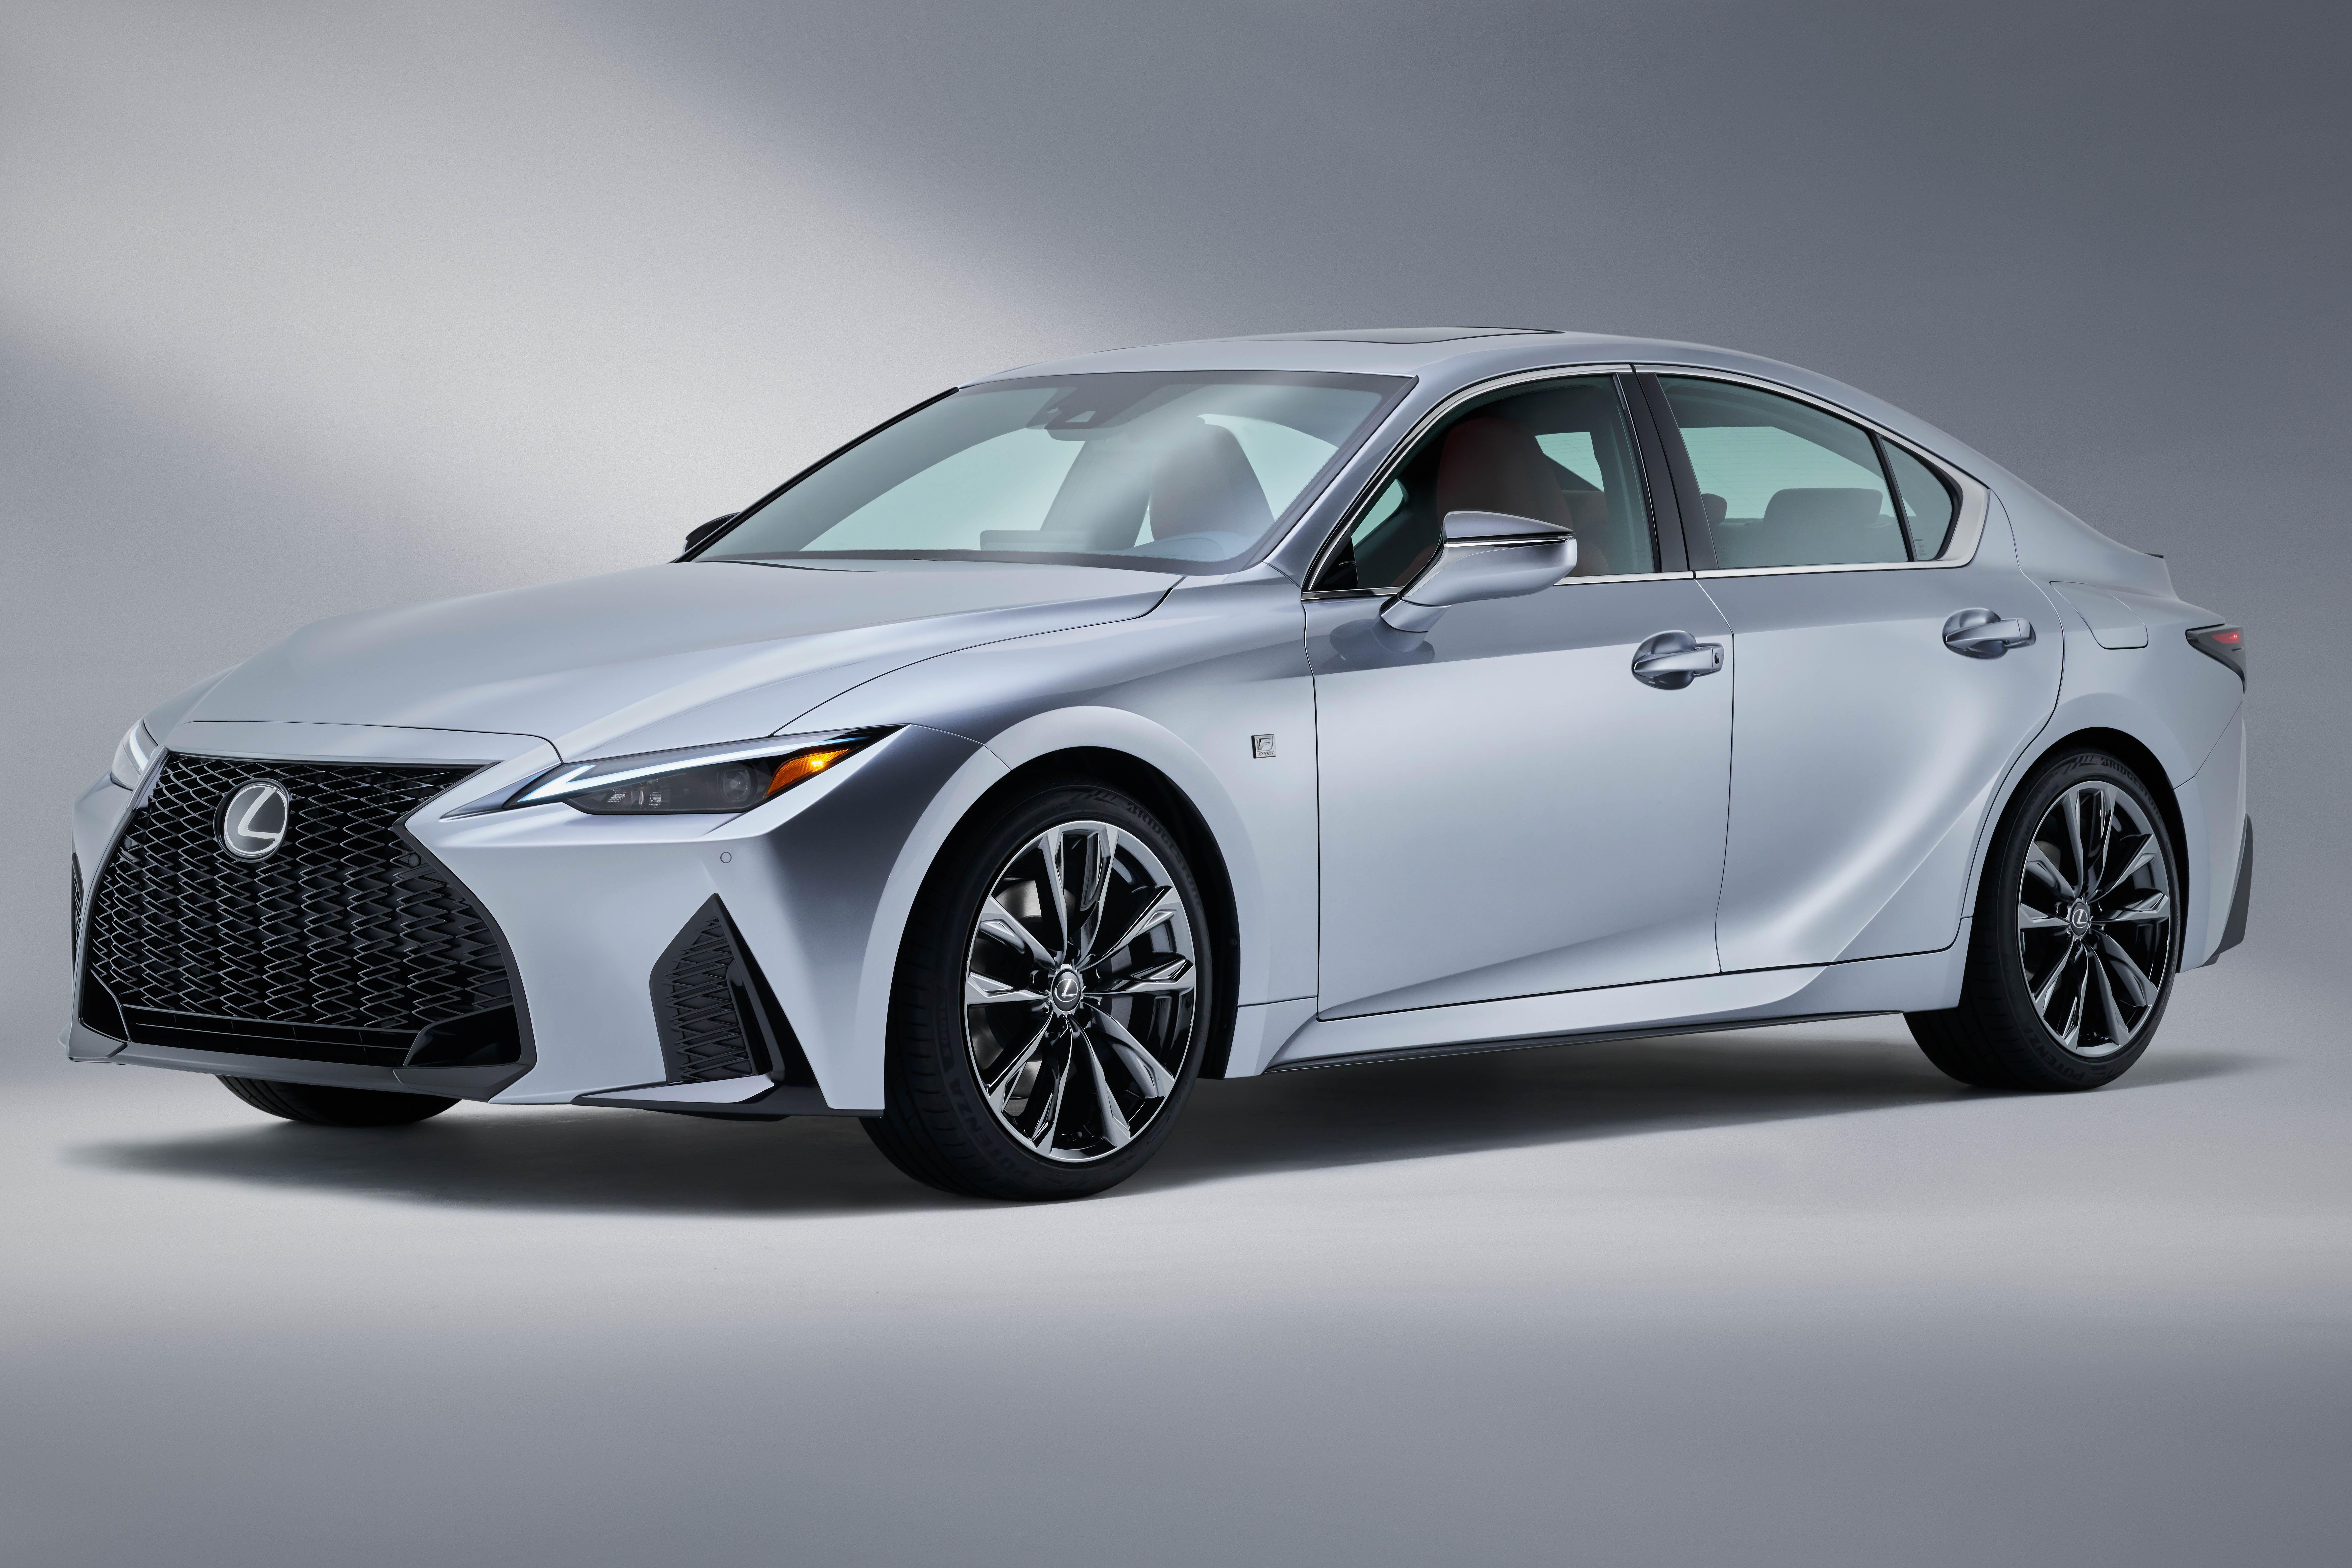 2020 Lexus IS 250 Pictures